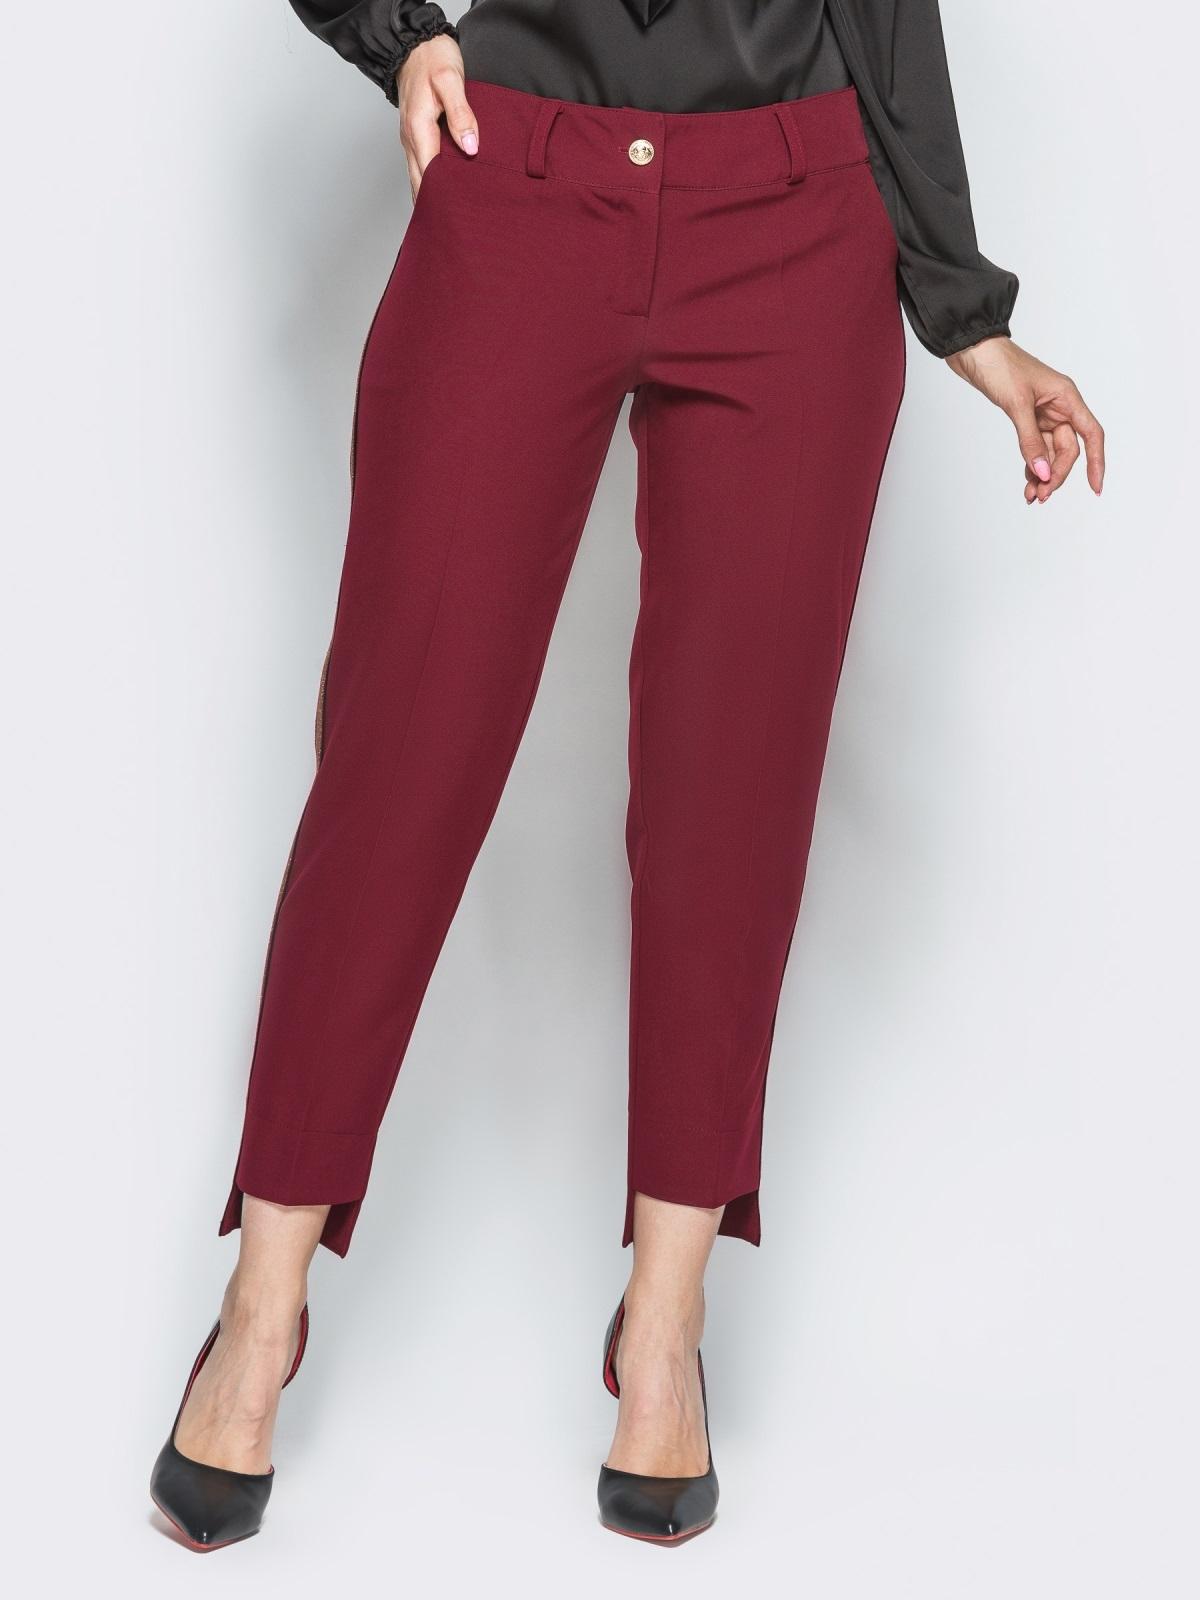 Брюки бордового цвета с укороченным передом - 16314, фото 1 – интернет-магазин Dressa